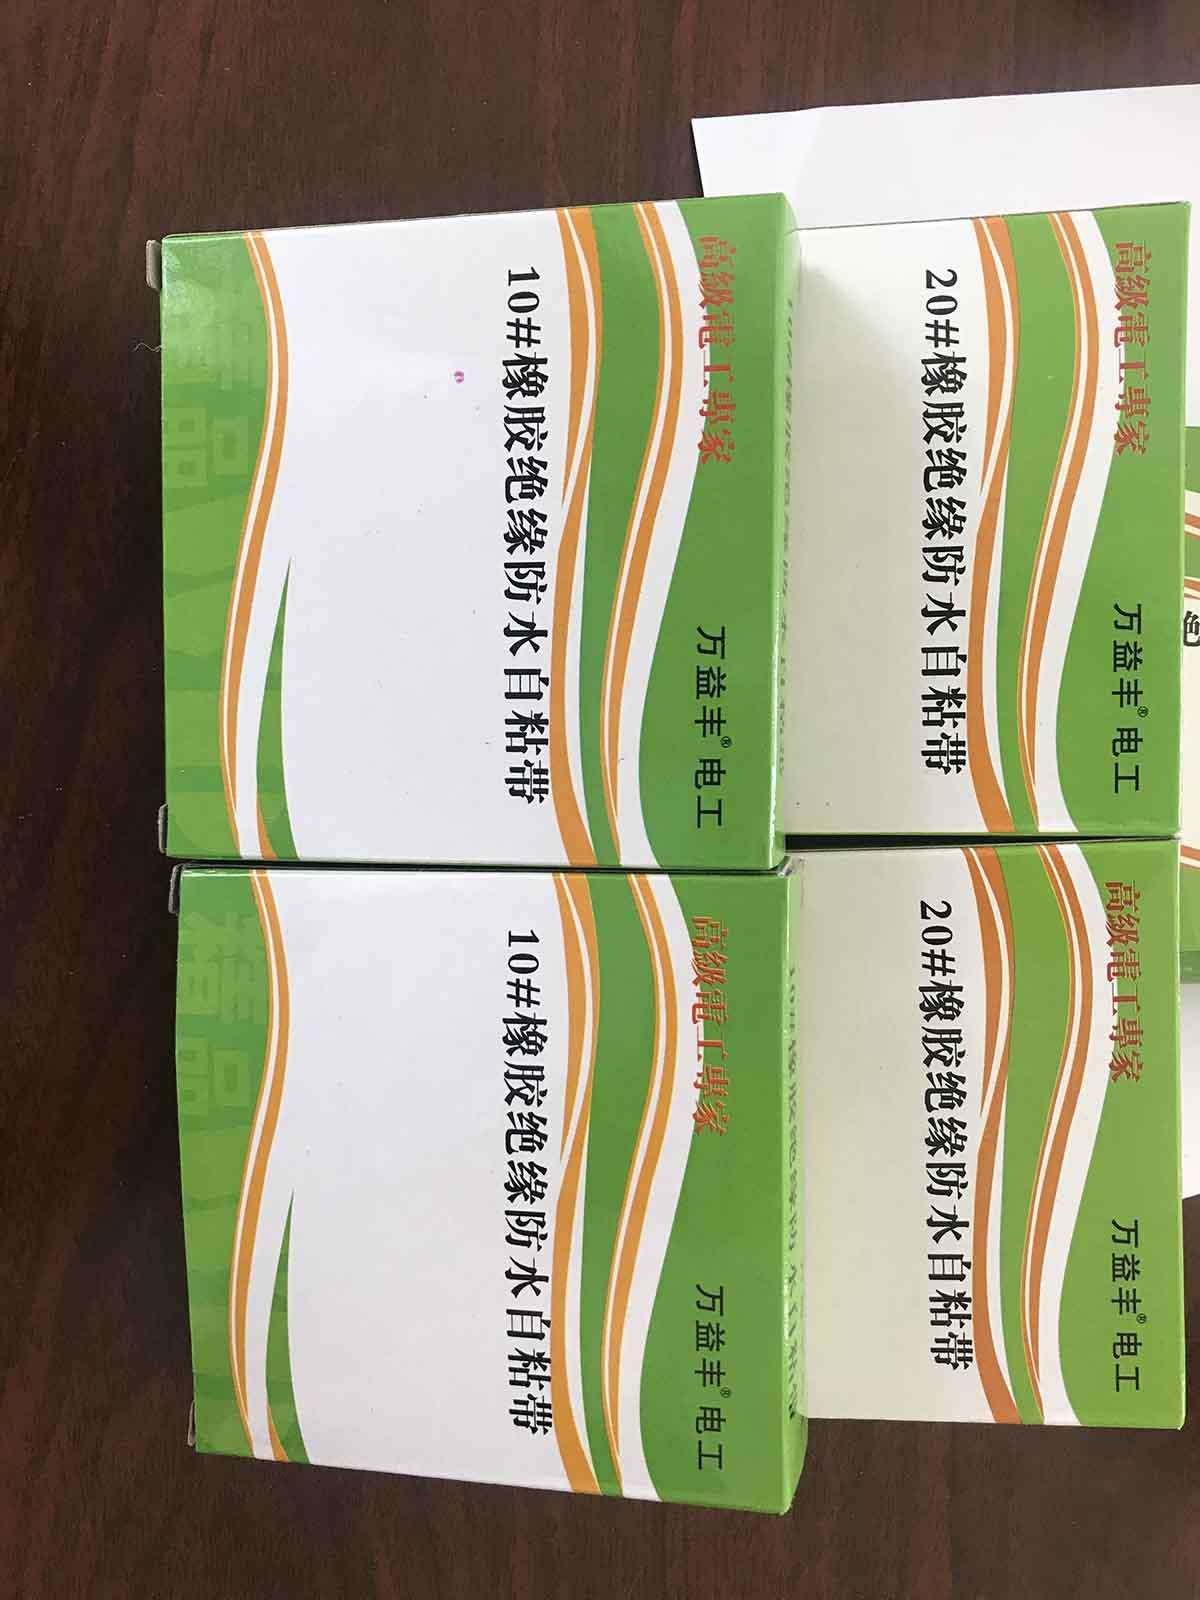 防水自粘带厂家_万益丰塑胶有限公司为您提供销量好的高压防水自粘带